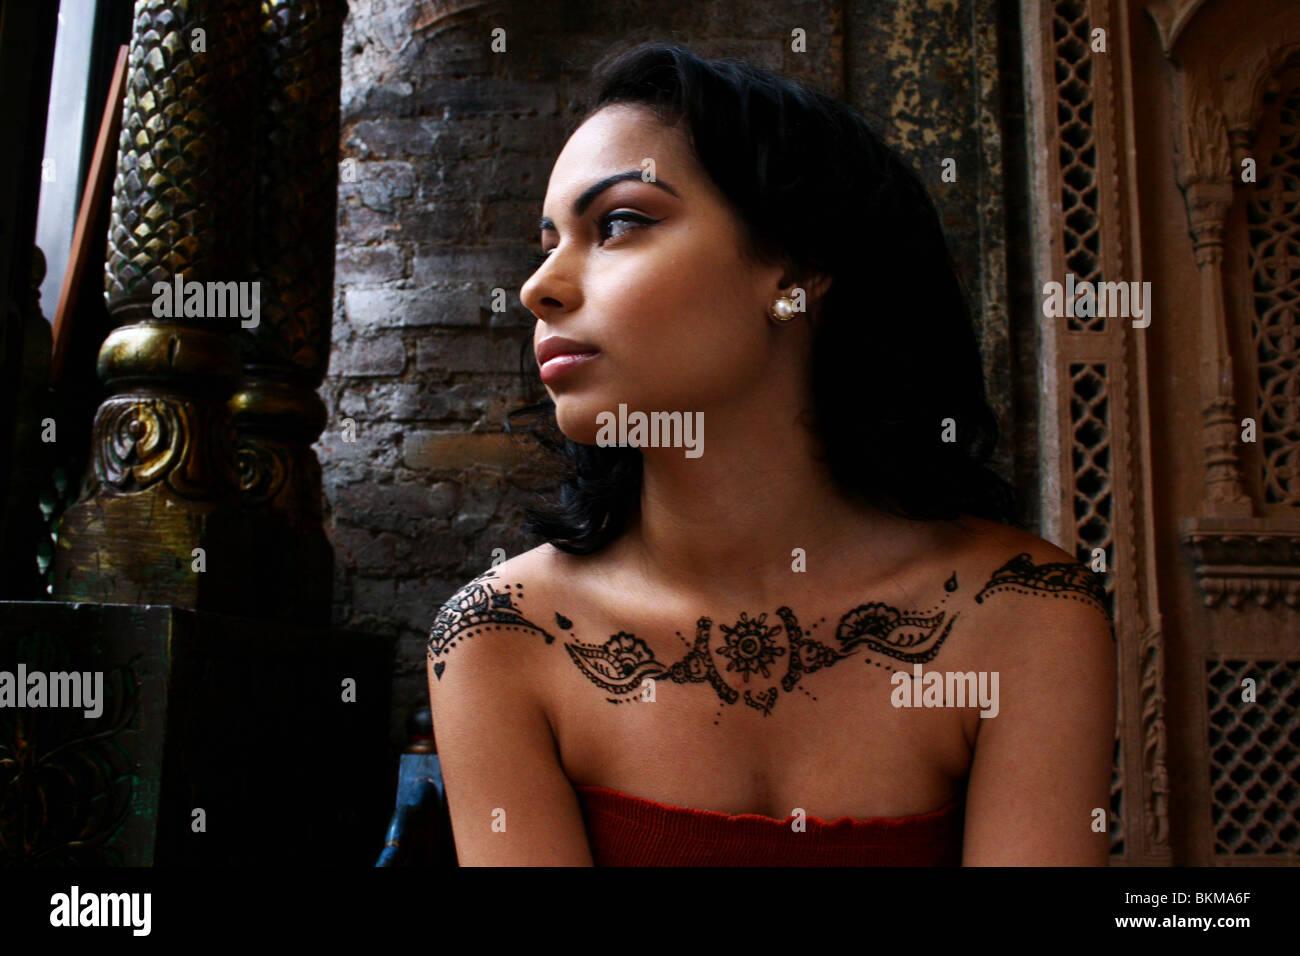 Ritratto di donna dipinta con moderno design henné sulle sue spalle. Immagini Stock